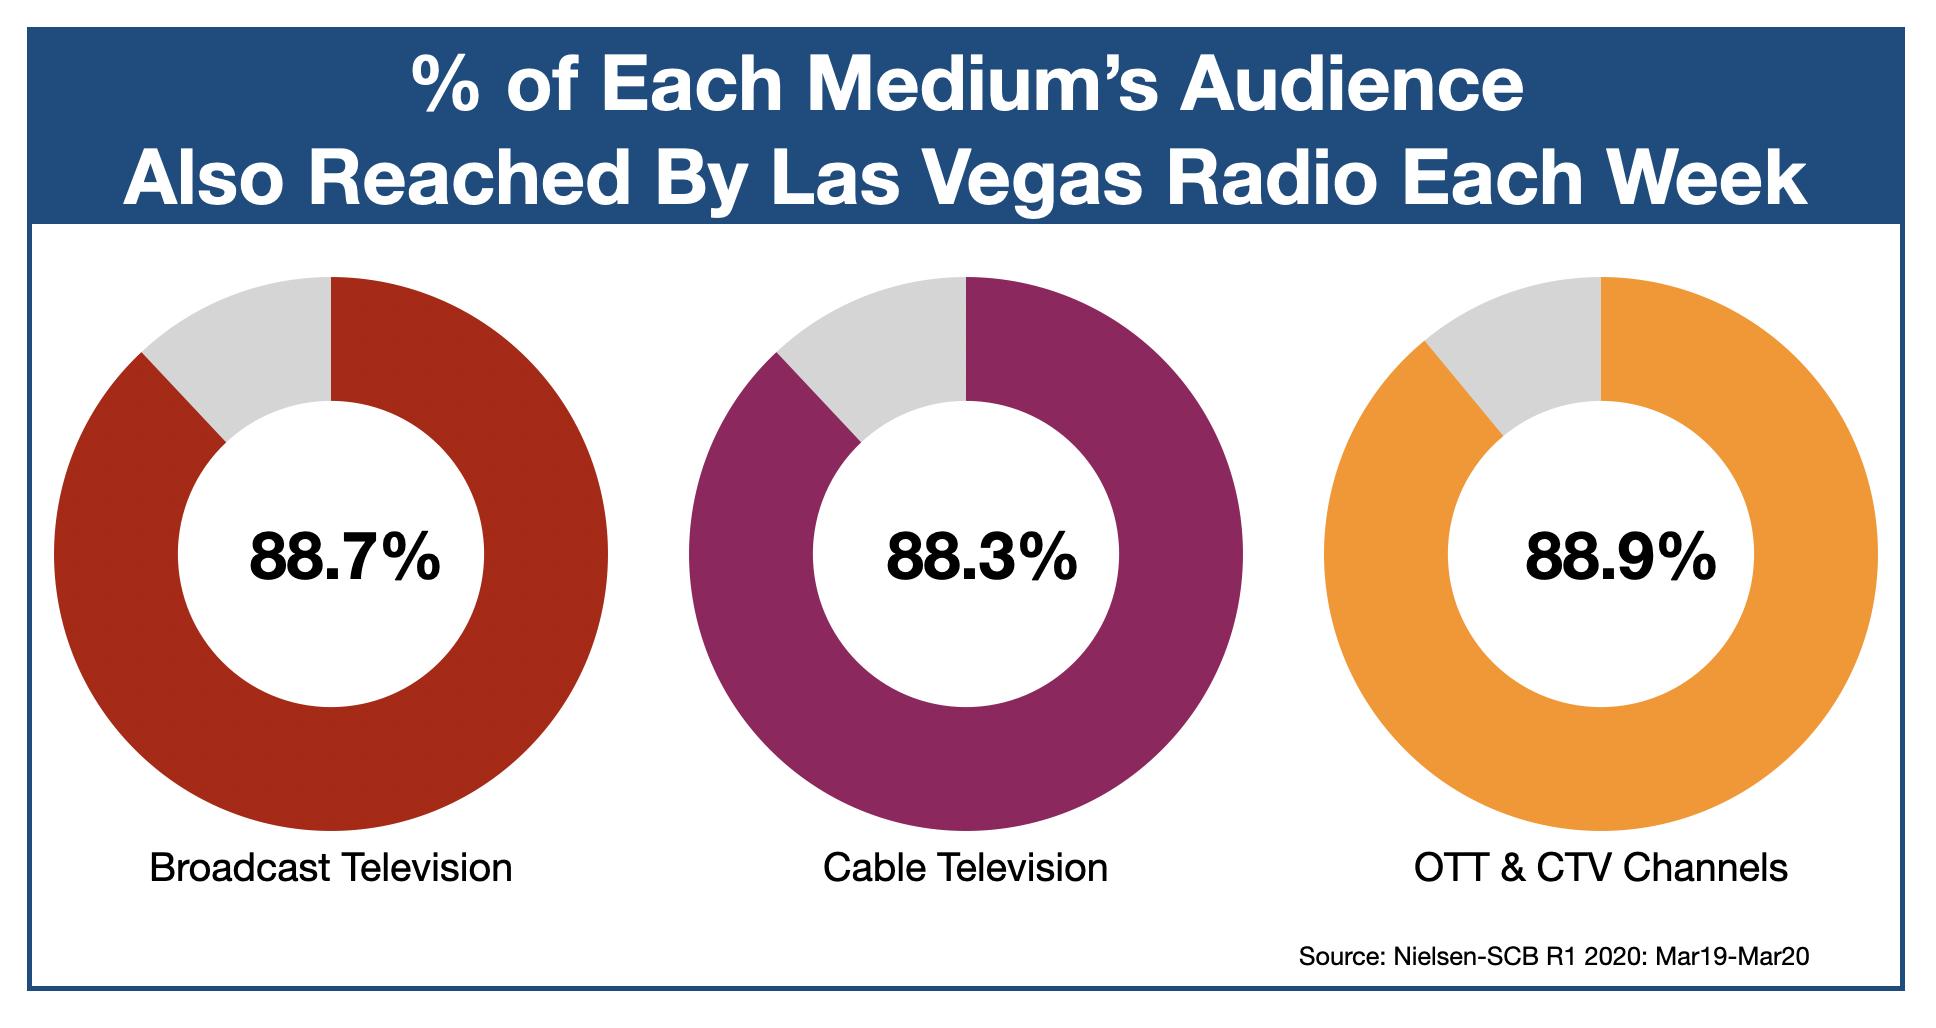 Advertising On Las Vegas Radio OTT and CTV